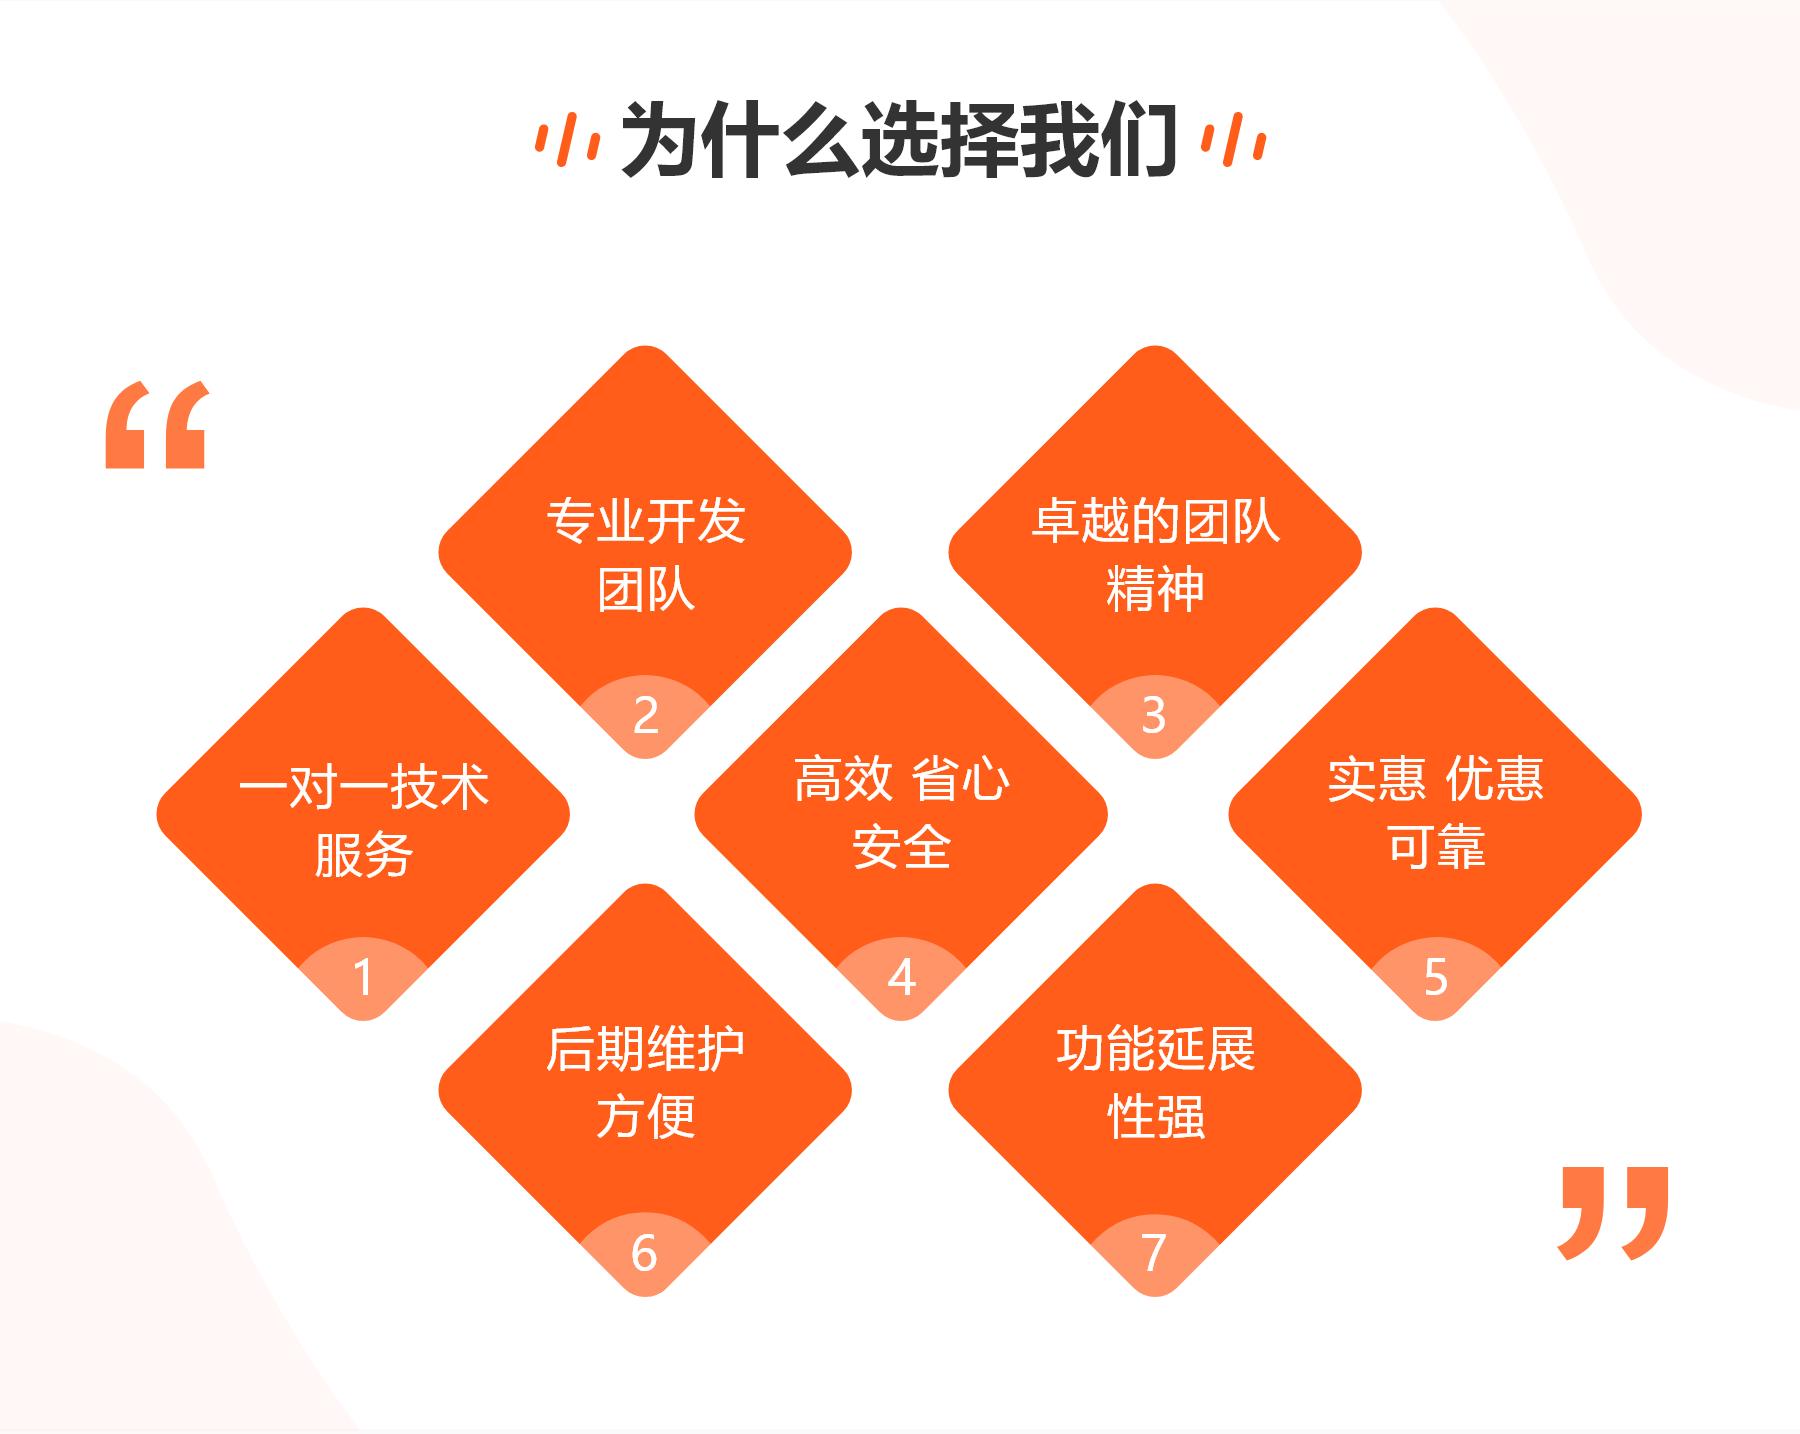 房产珠宝酒店食品化工律师农业公司企业网站官网建设制作定制开发